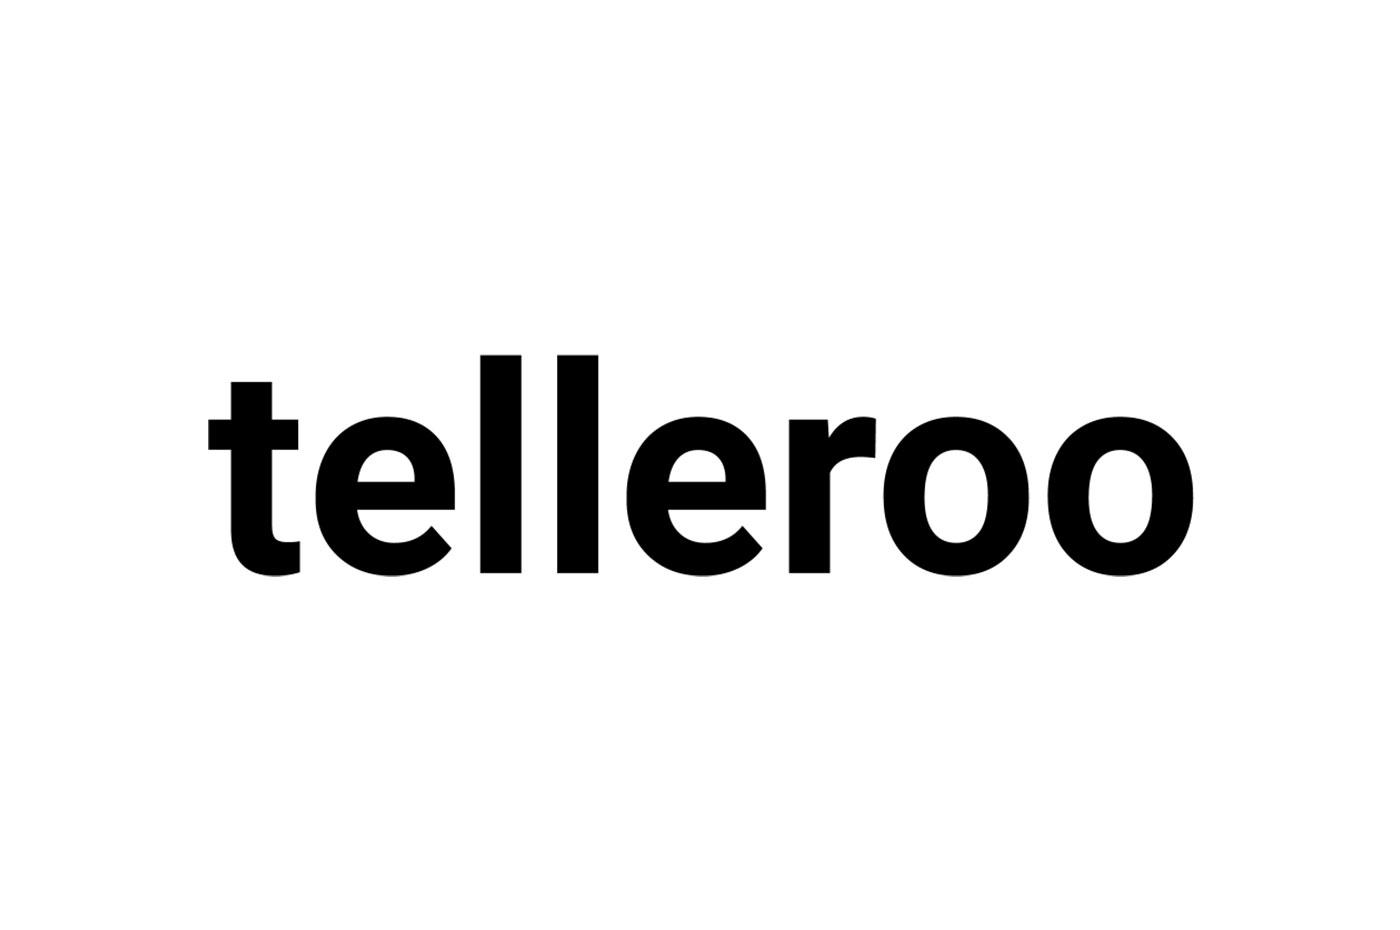 Telleroo